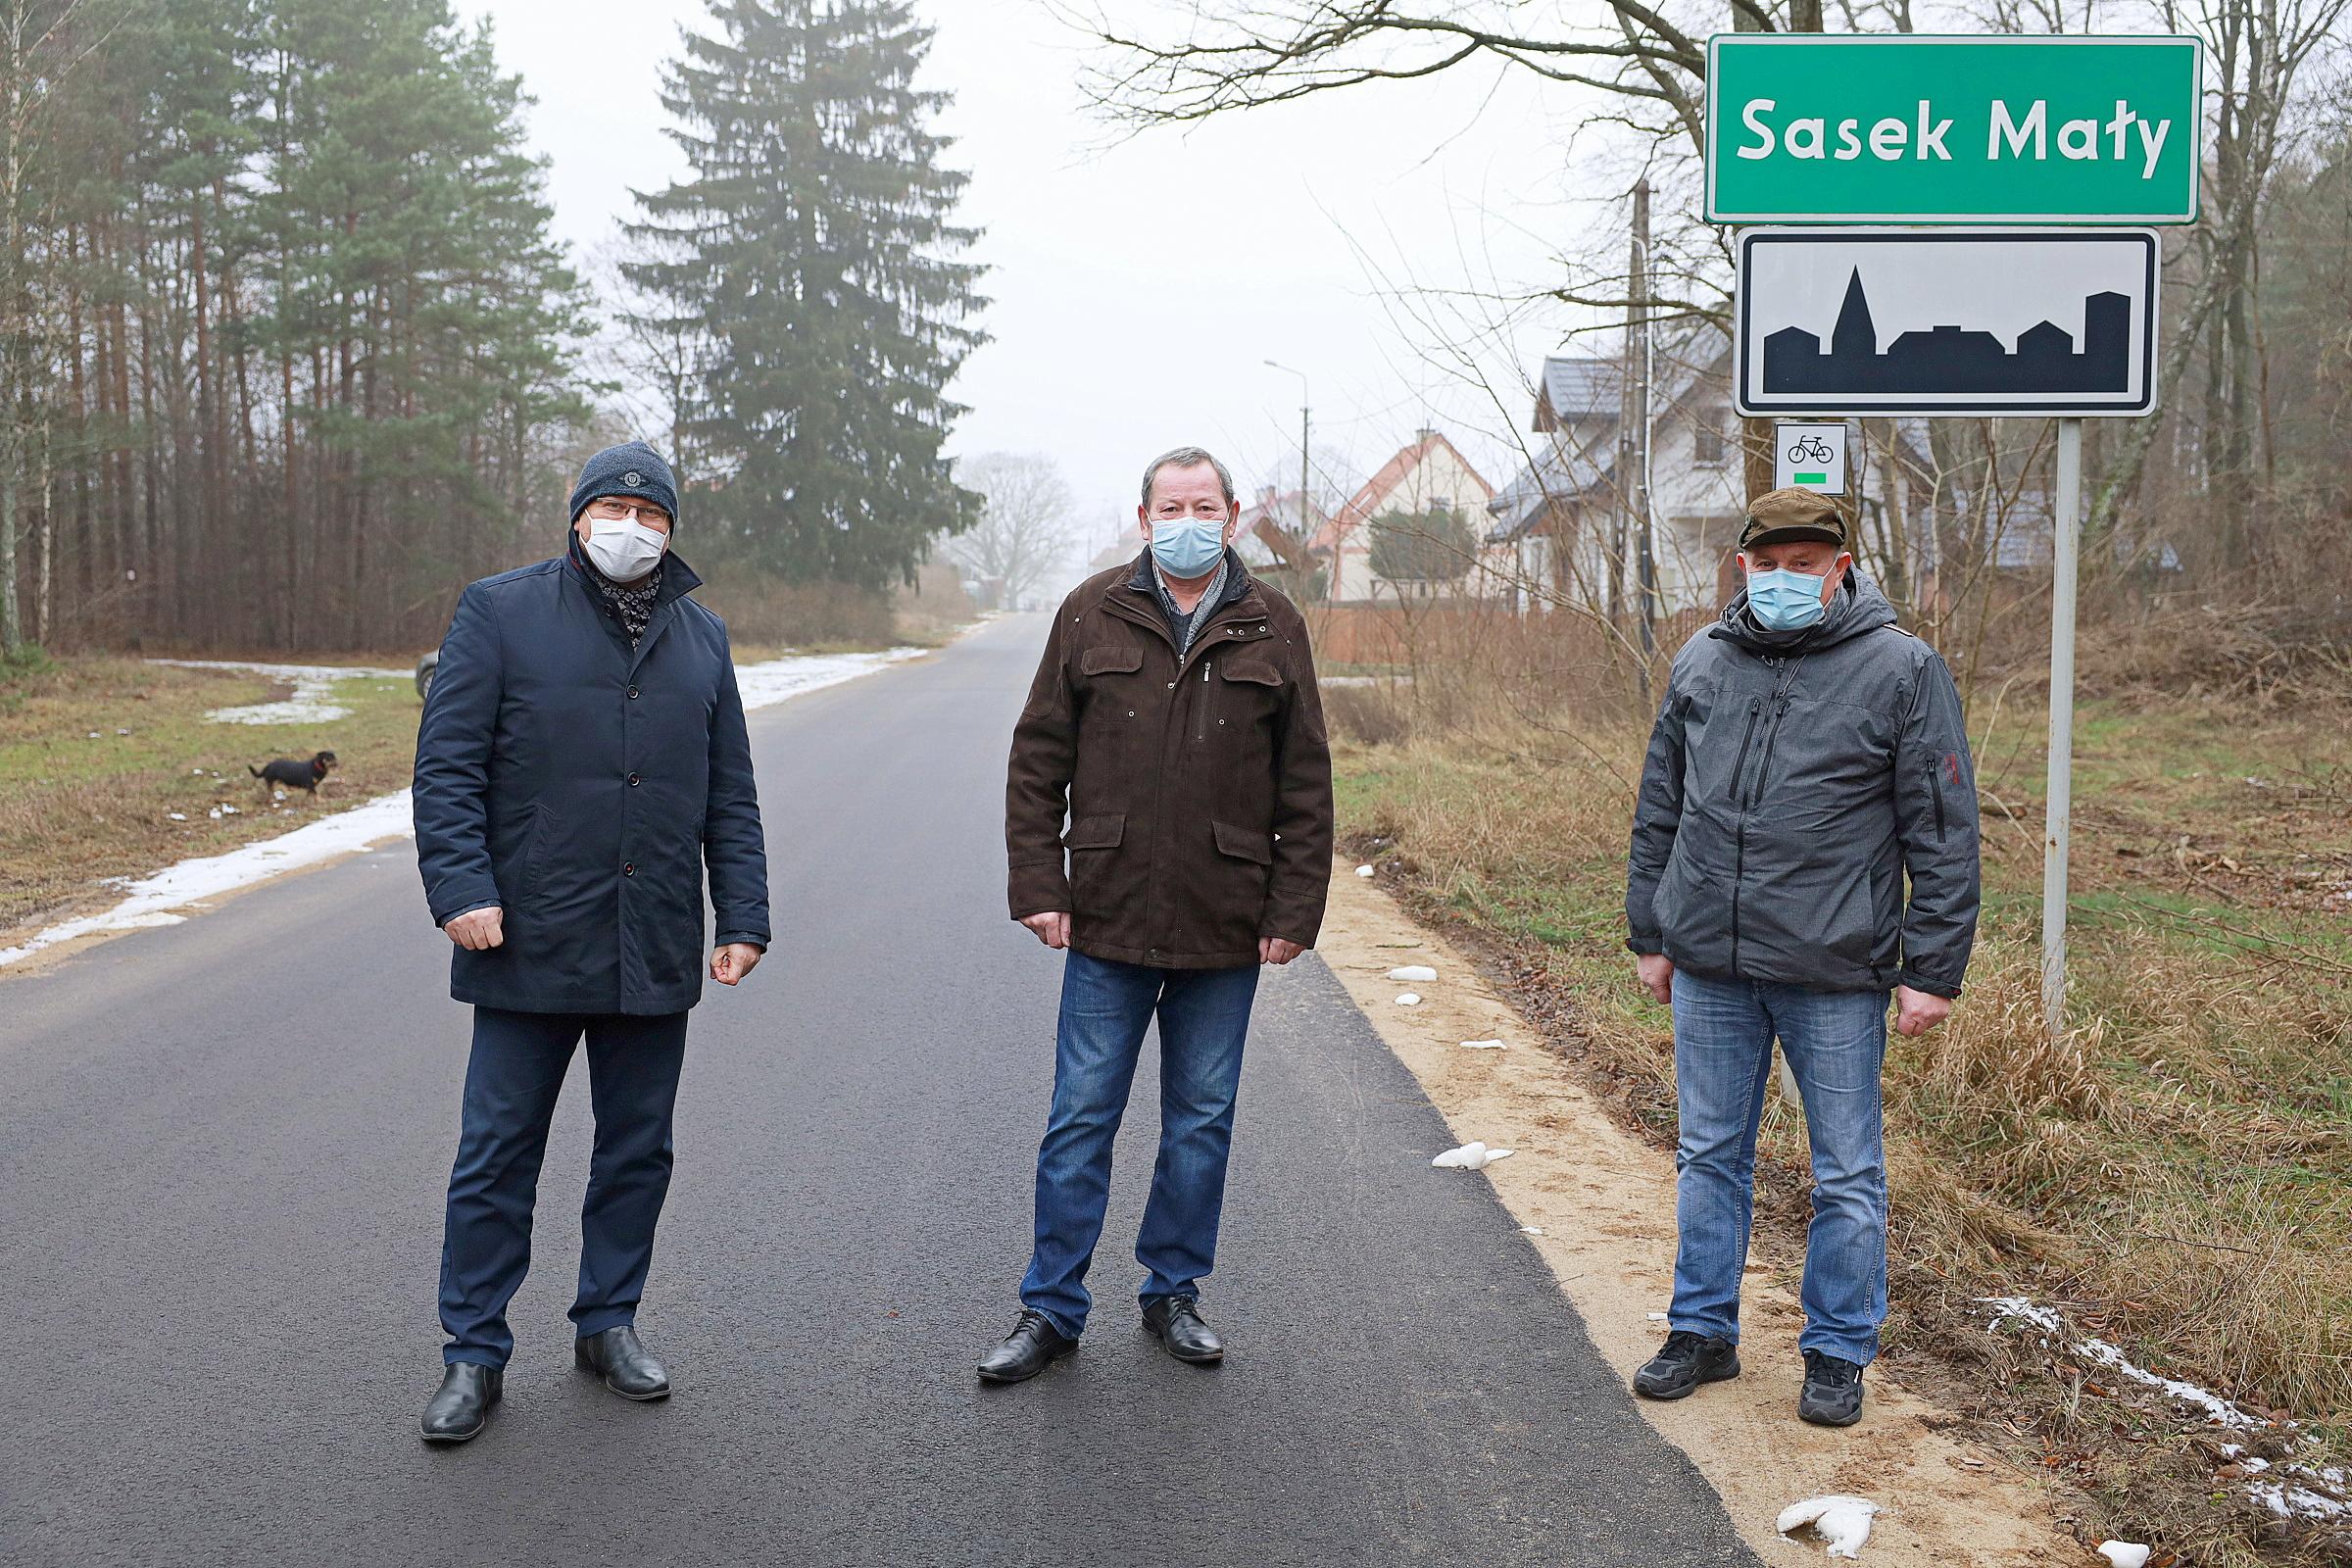 https://m.powiatszczycienski.pl/2020/12/orig/1-36742.jpg